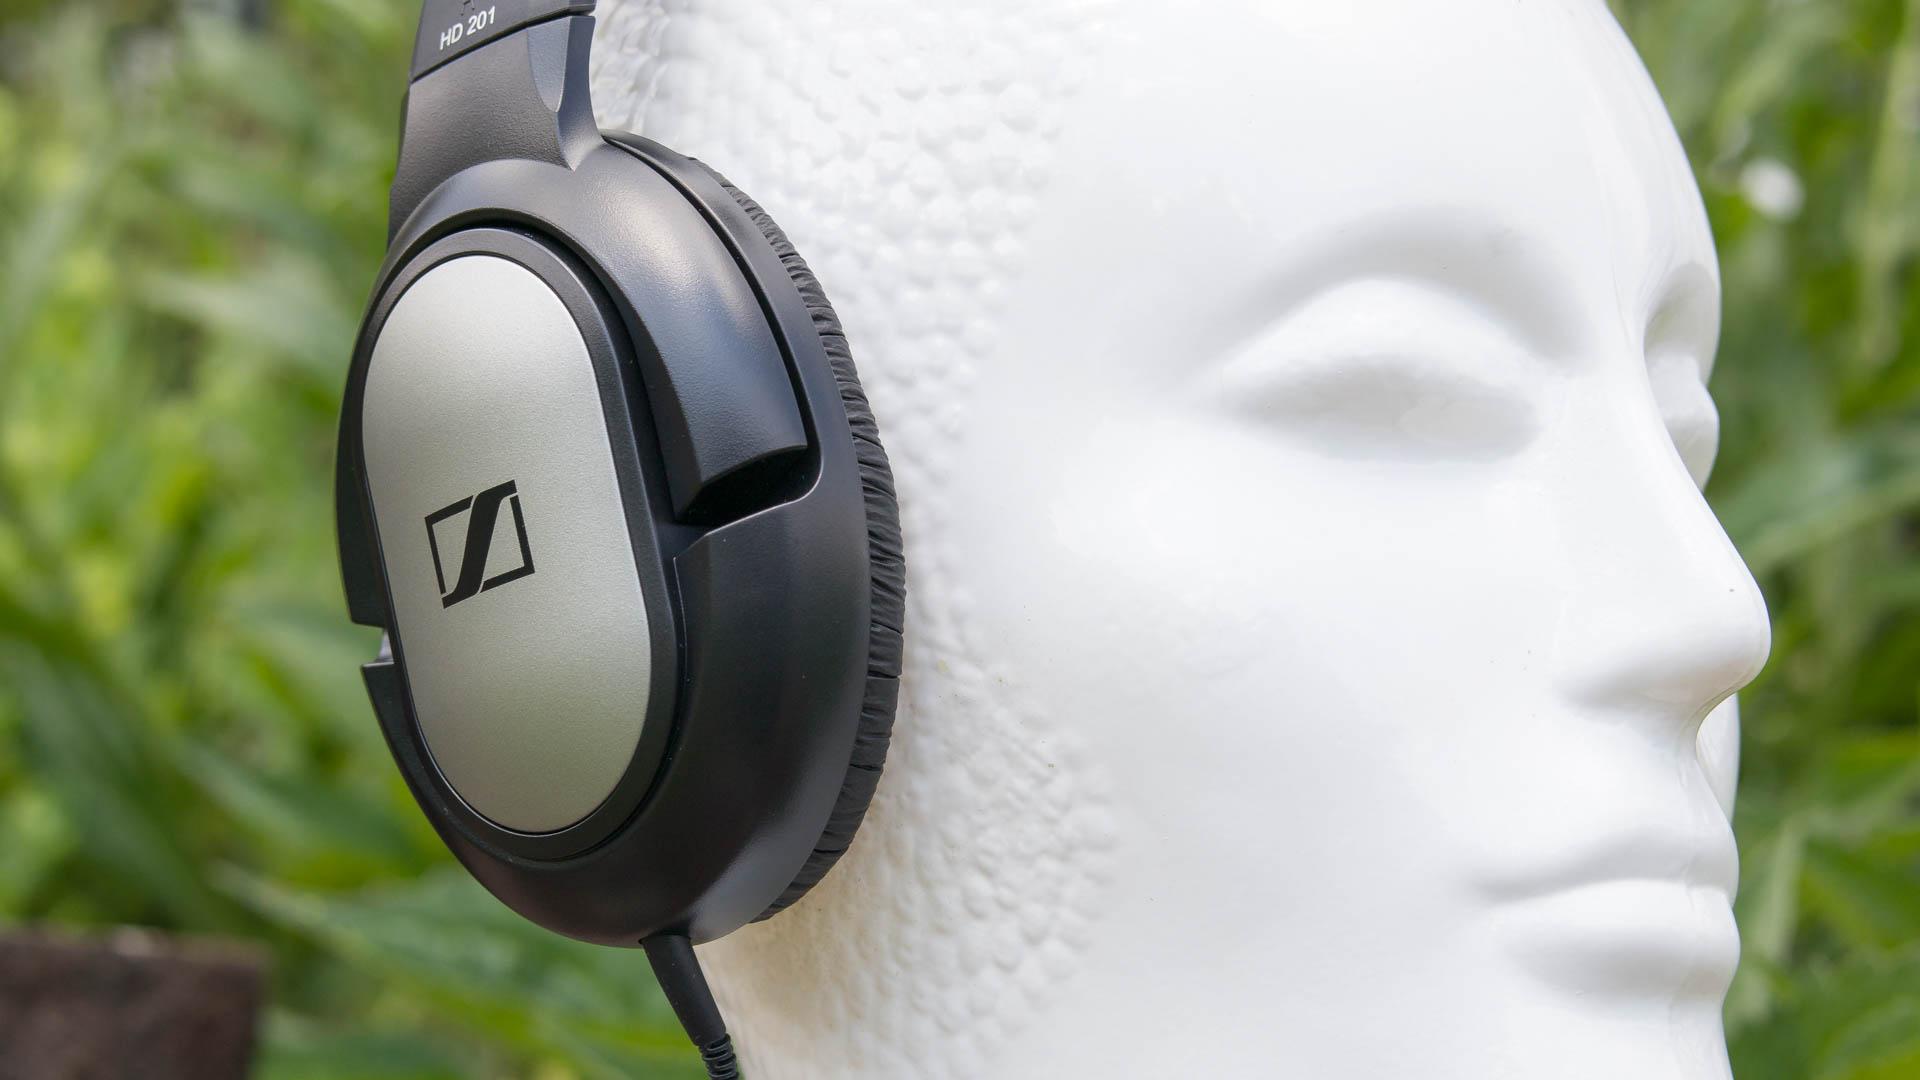 Günstige Kopfhörer von Sennheiser im Test Sennheiser HD 201